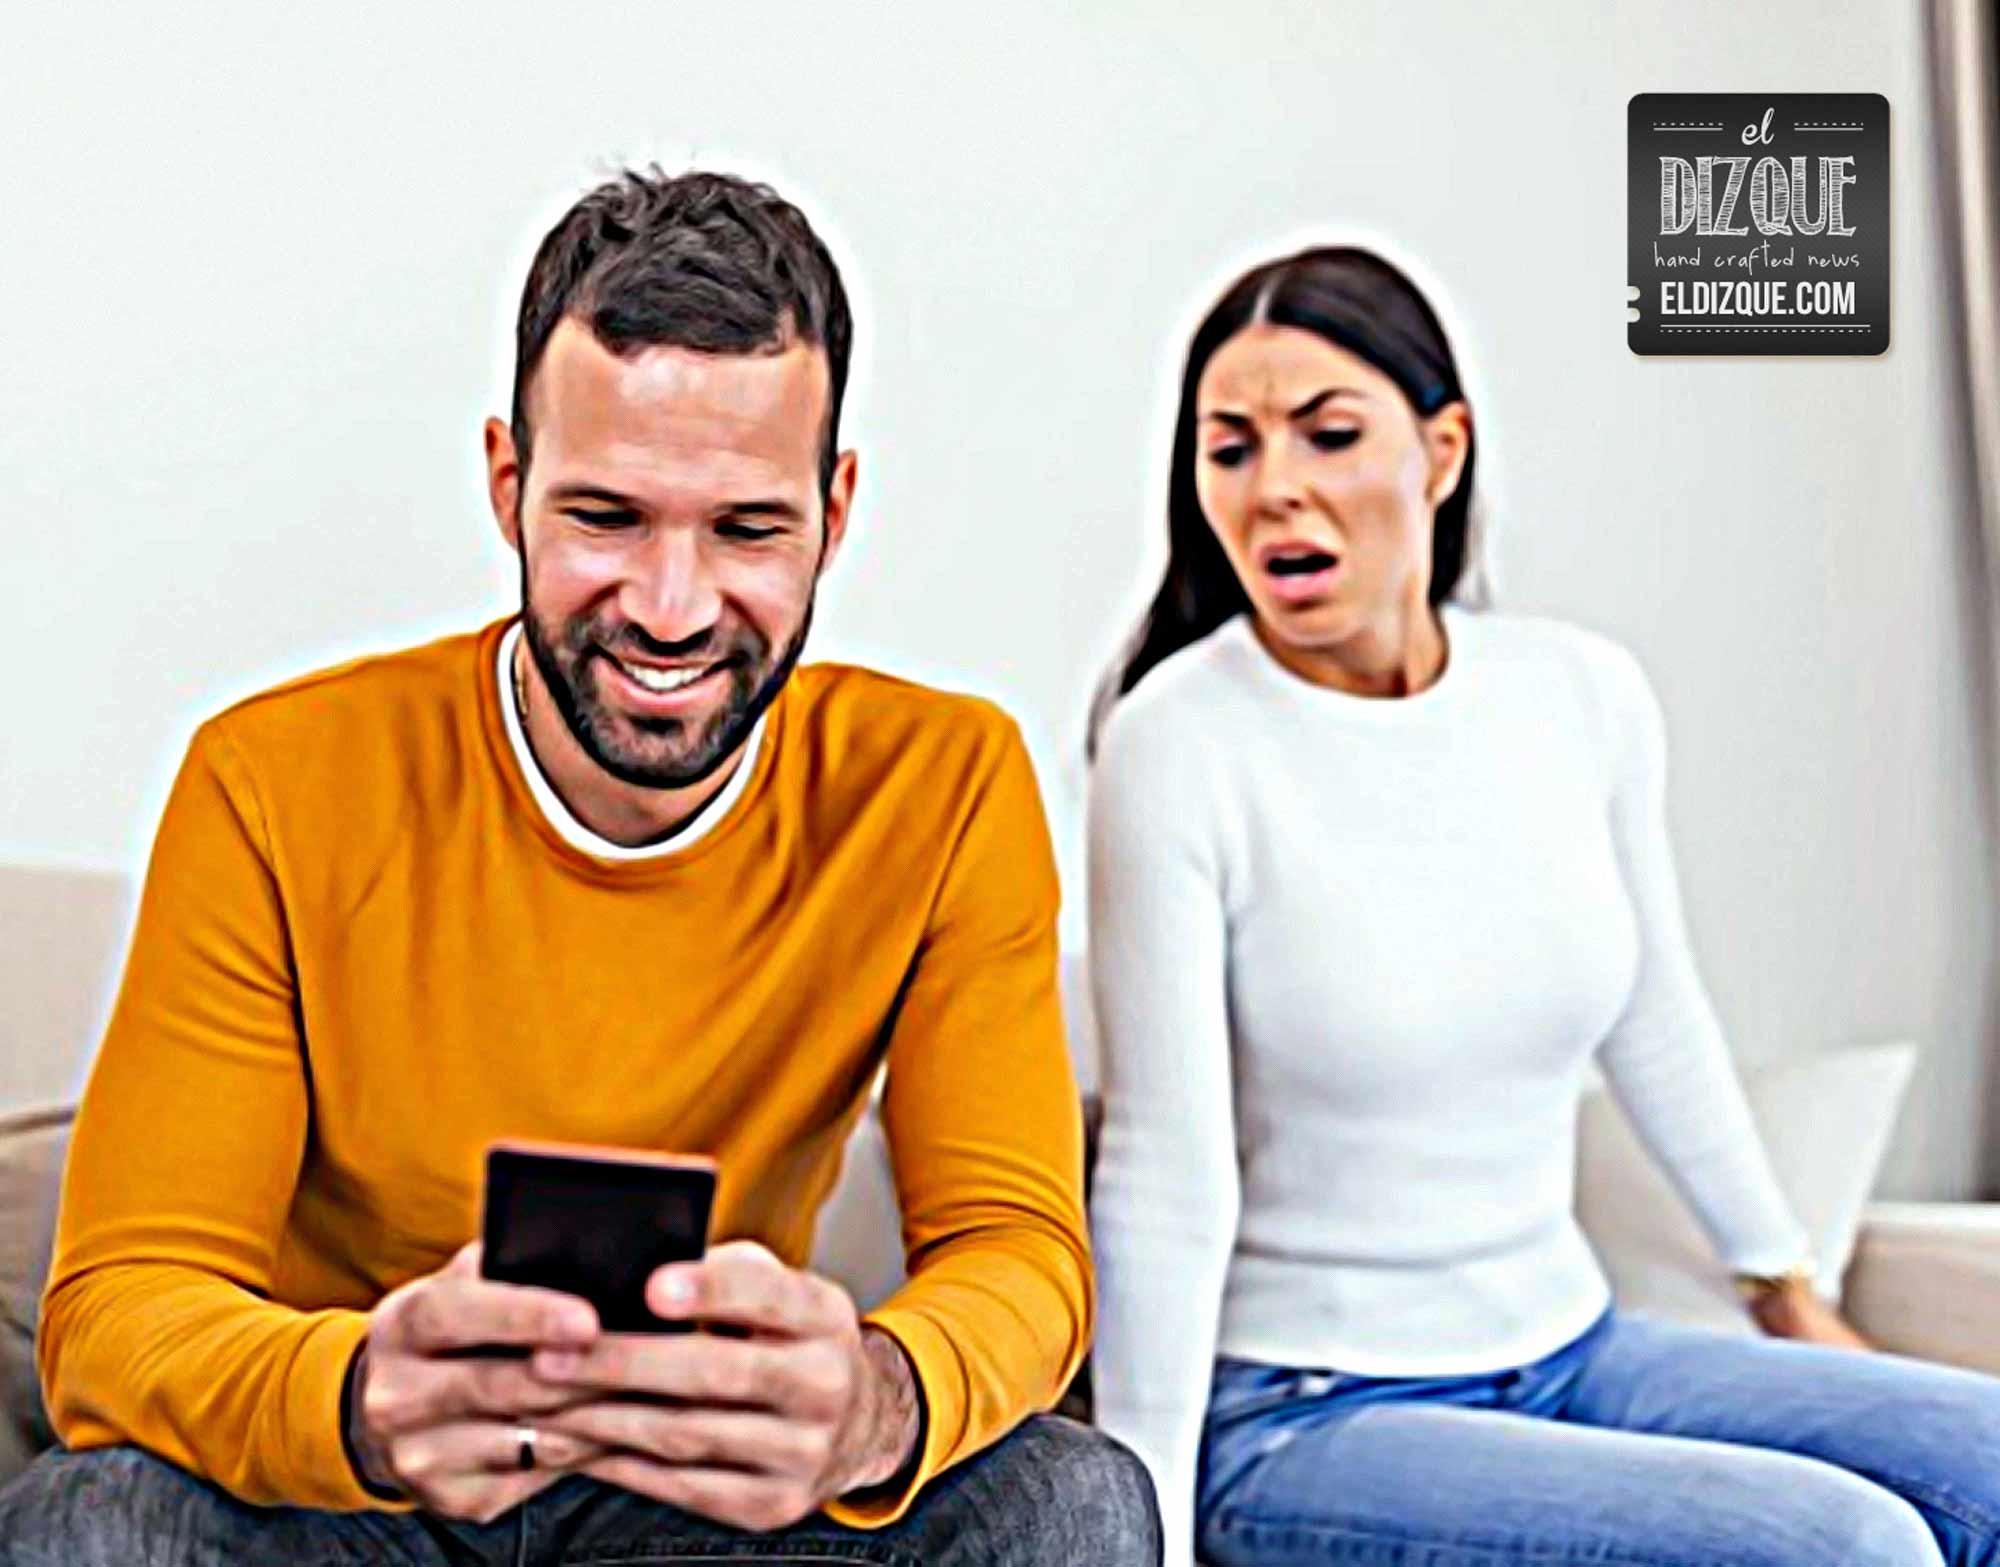 Por ley, esposas tendrán el derecho de revisar los celulares de sus maridos